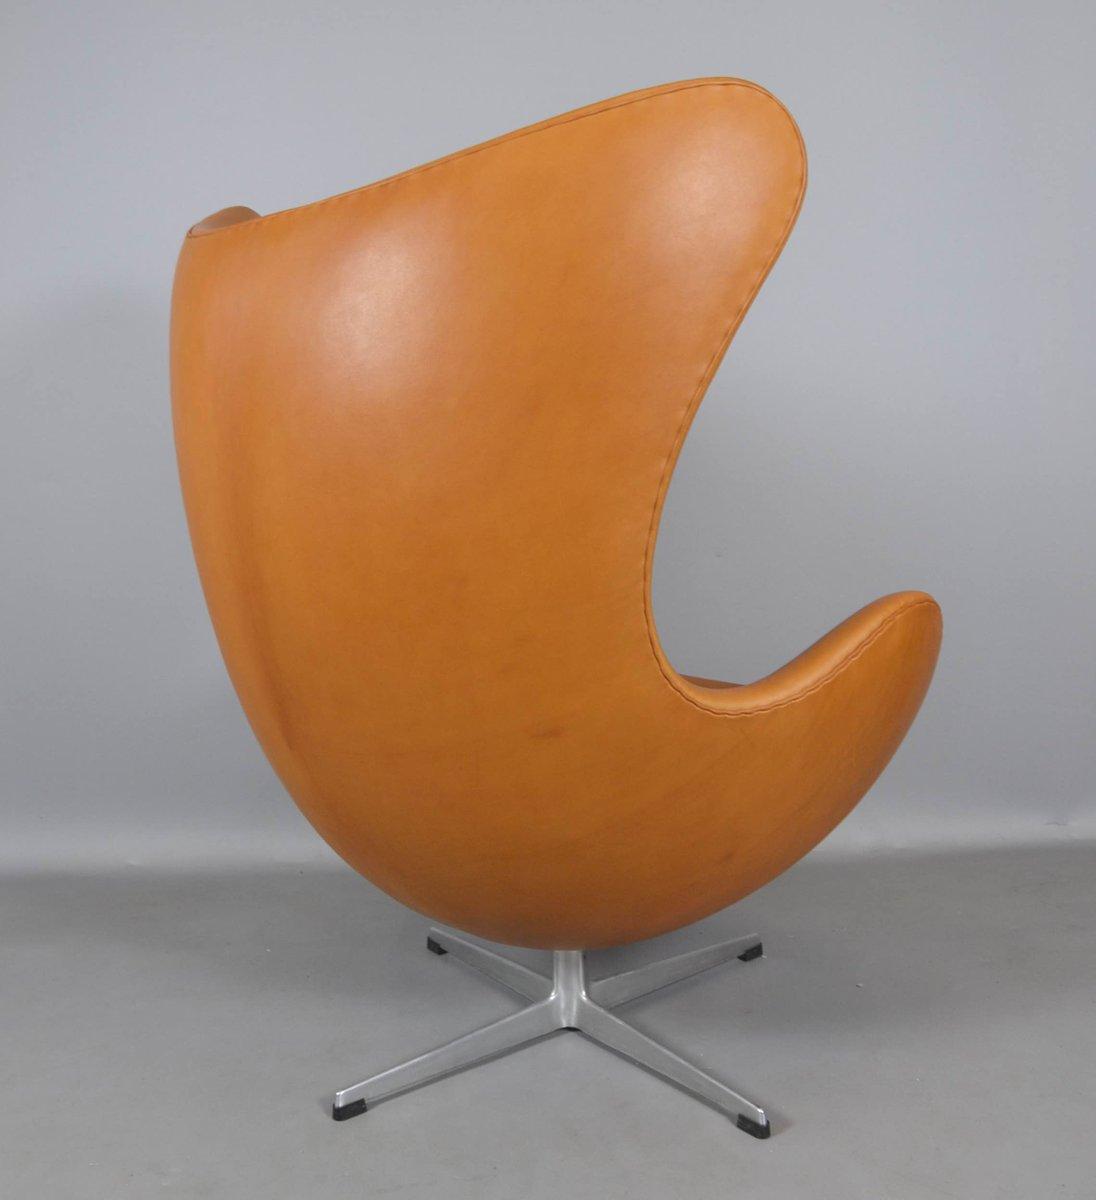 egg chair und fu hocker aus leder von arne jacobsen f r fritz hansen 1970er bei pamono kaufen. Black Bedroom Furniture Sets. Home Design Ideas